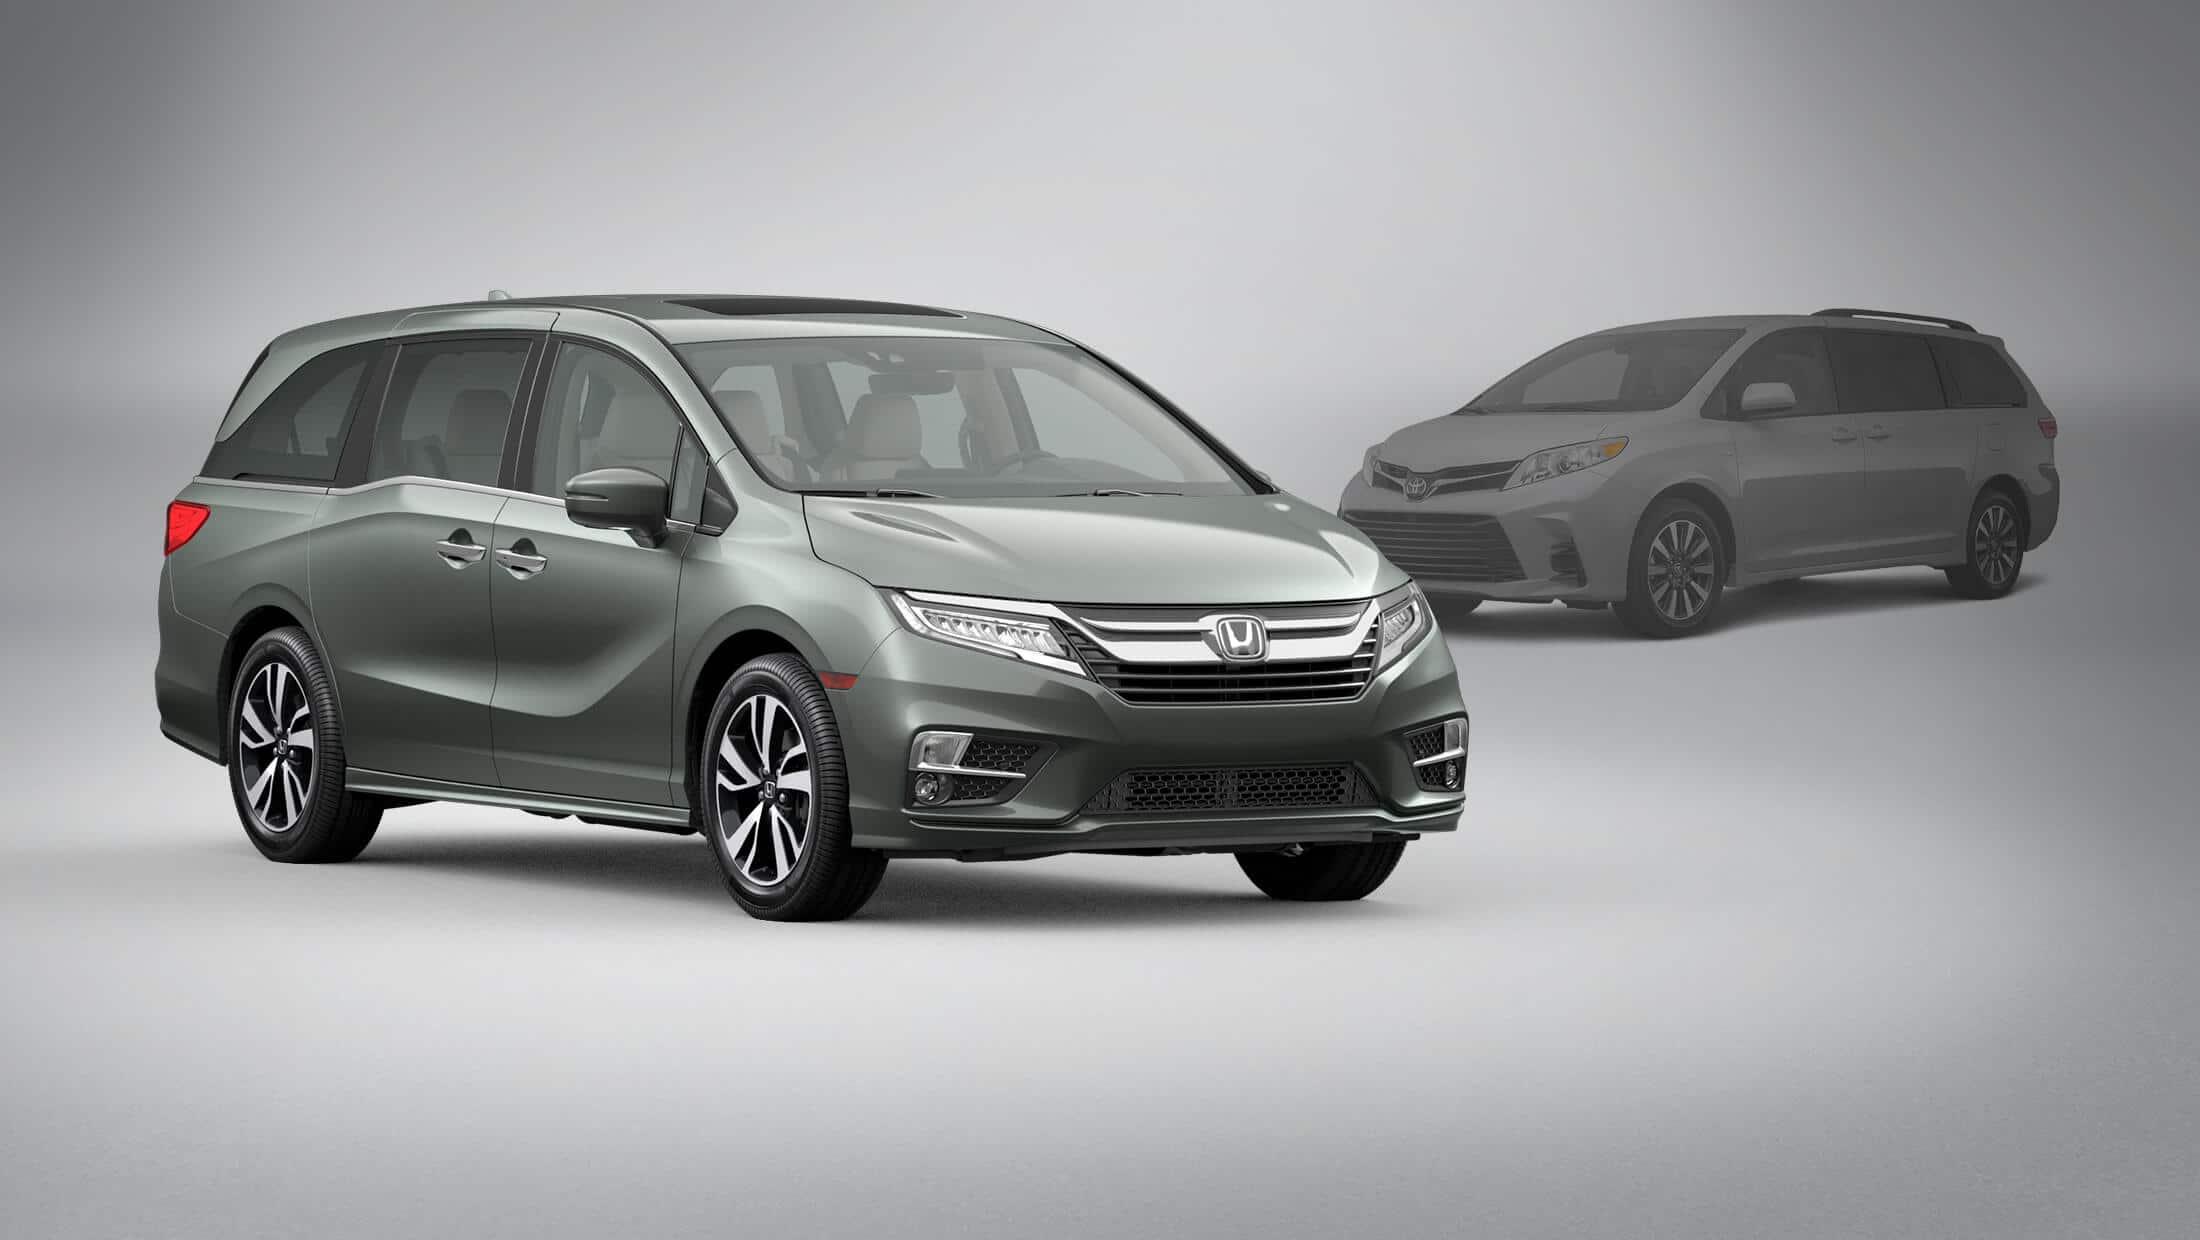 Vista frontal de 3/4 desde el lado del pasajero de la Honda Odyssey2020 en Forest Mist Metallic estacionada frente a una Toyota Sienna2020.